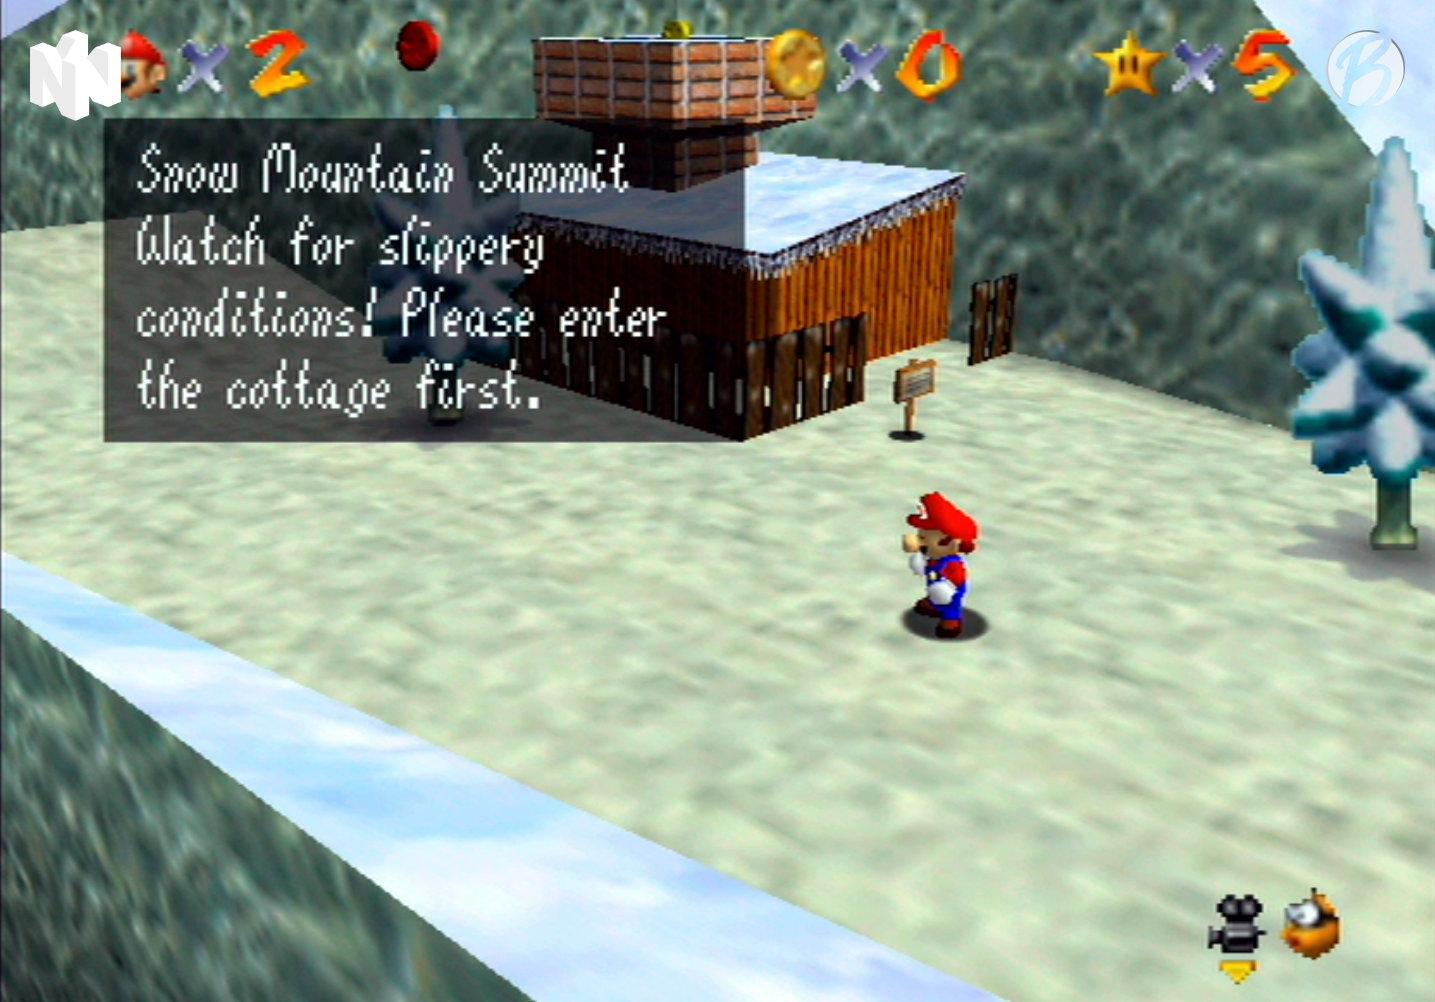 Super Mario 64 - Bibberberg Bob - Vergleich: Nintendo 64 (Upscaled)